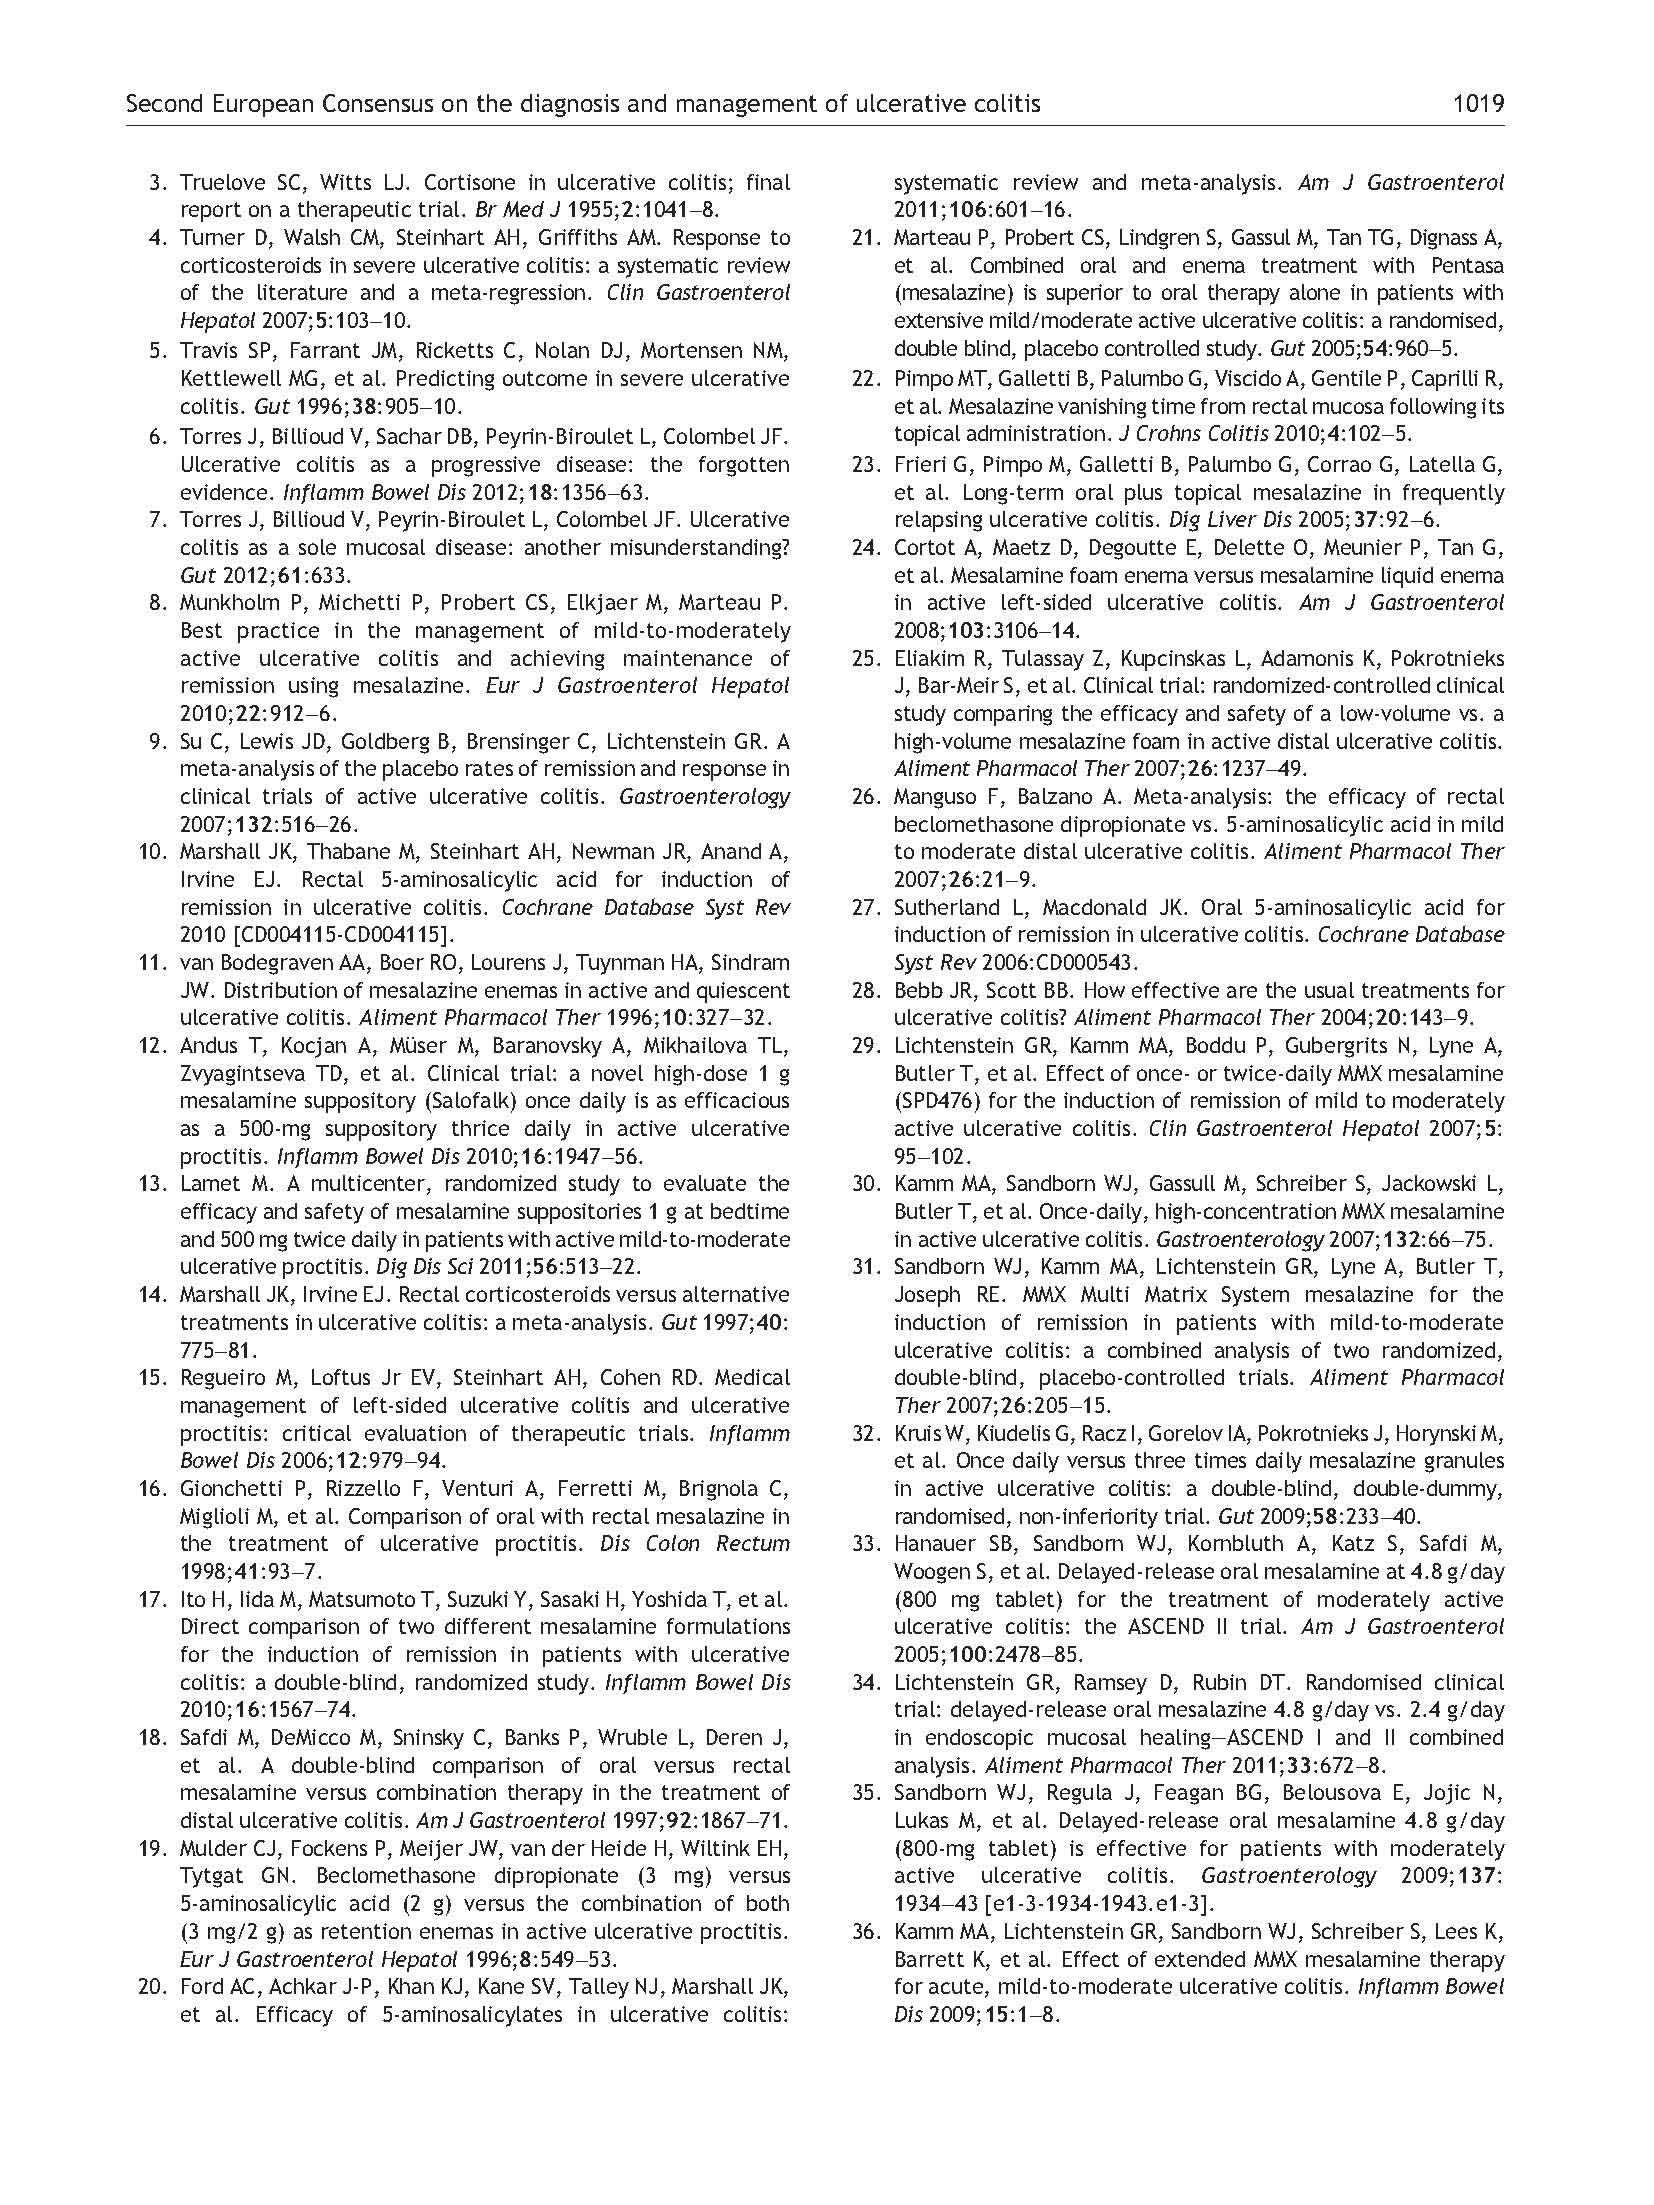 2012-ECCO第二版-欧洲询证共识:溃疡性结肠炎的诊断和处理—日常处理_页面_29.jpg